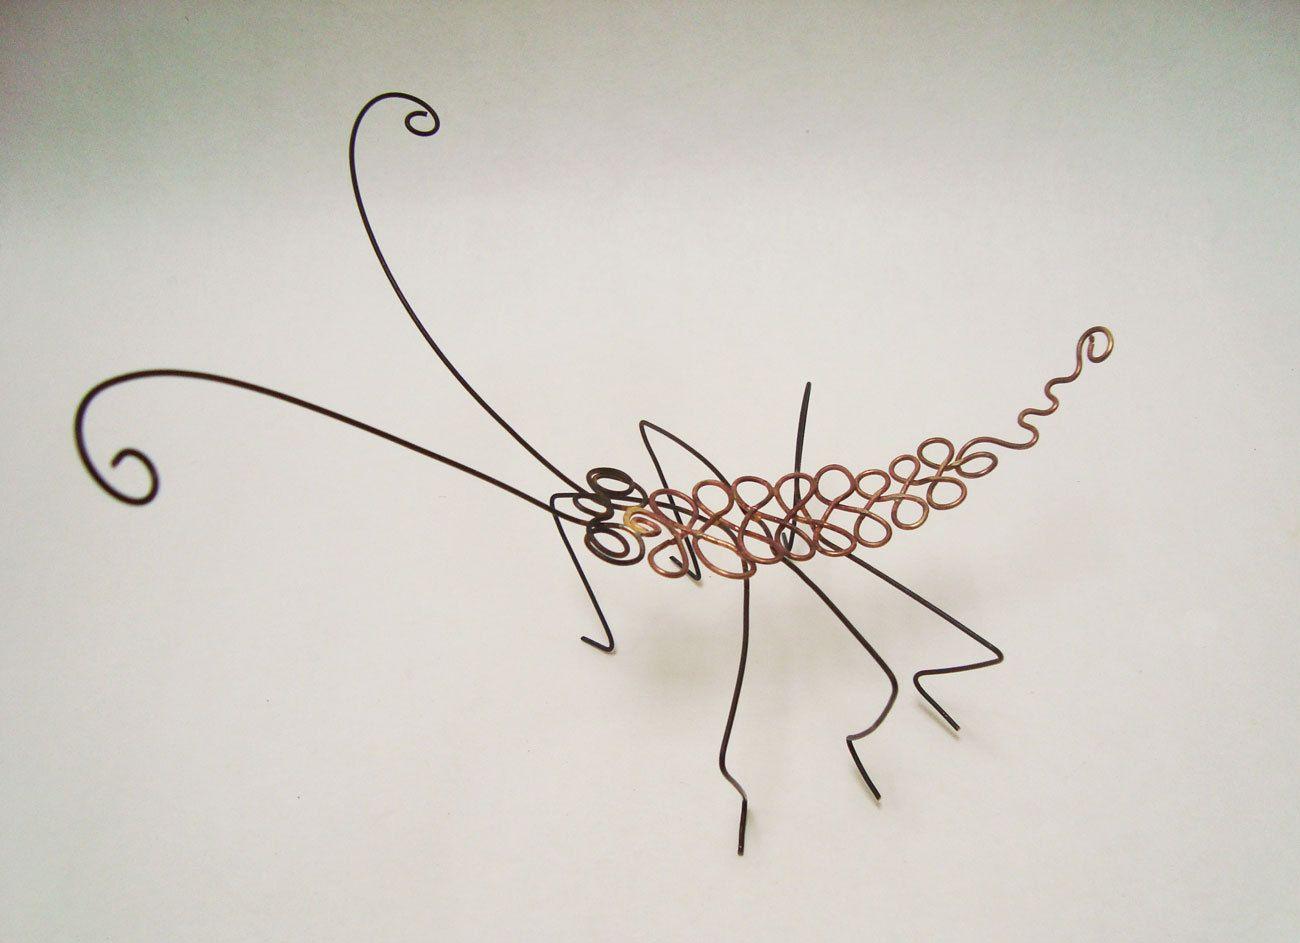 Pin von Tania Macdonald auf wire art | Pinterest | Draht, Insekten ...